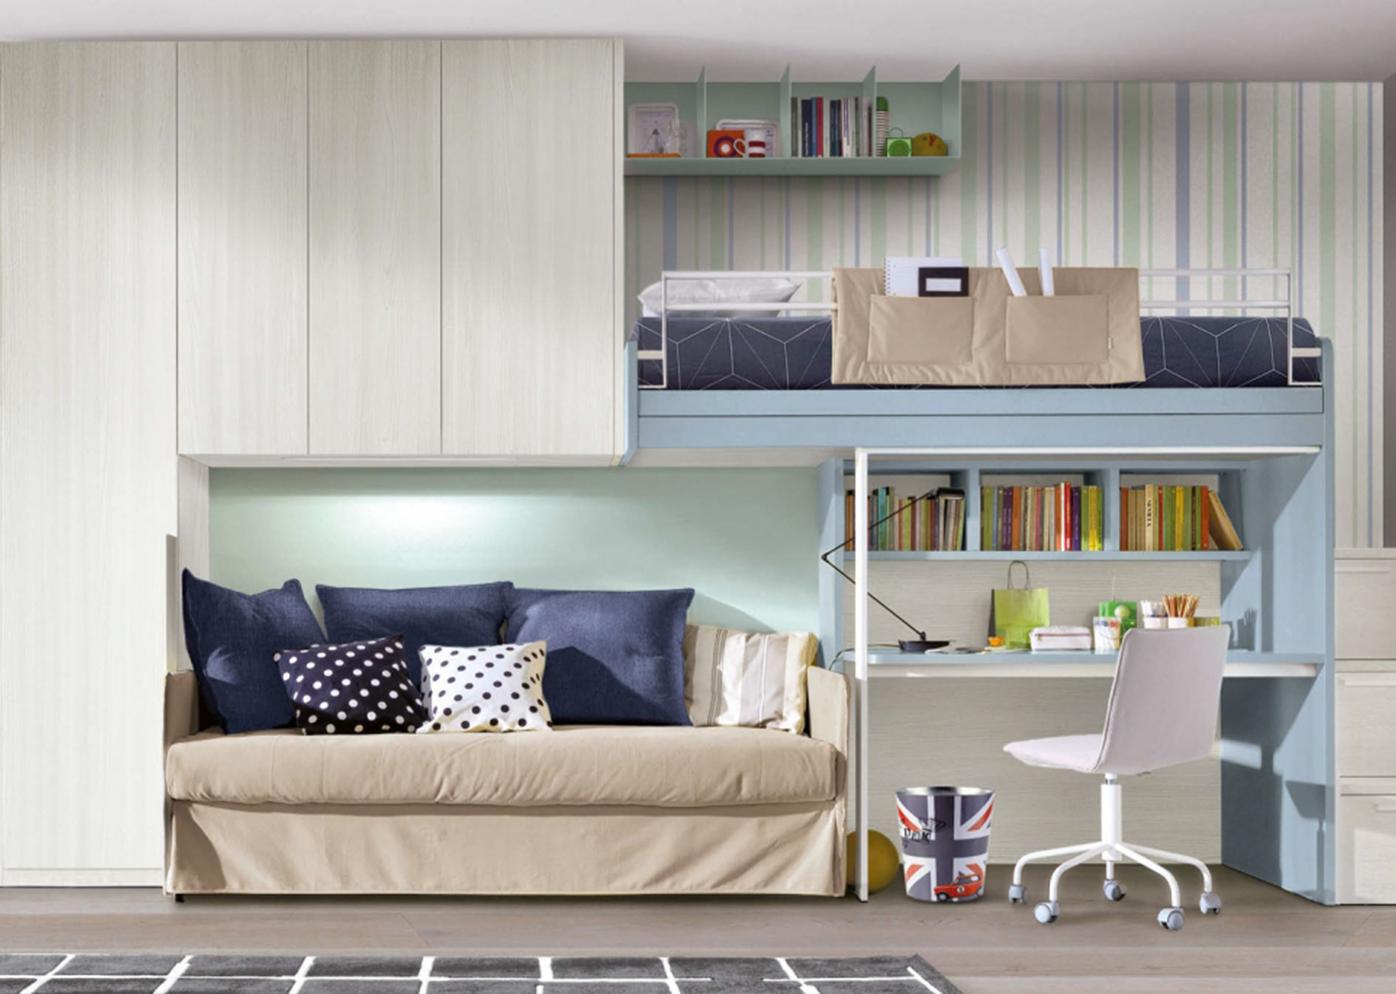 Camerette zalf lissone habitat casa arredamento e mobili for Casa della cameretta lissone